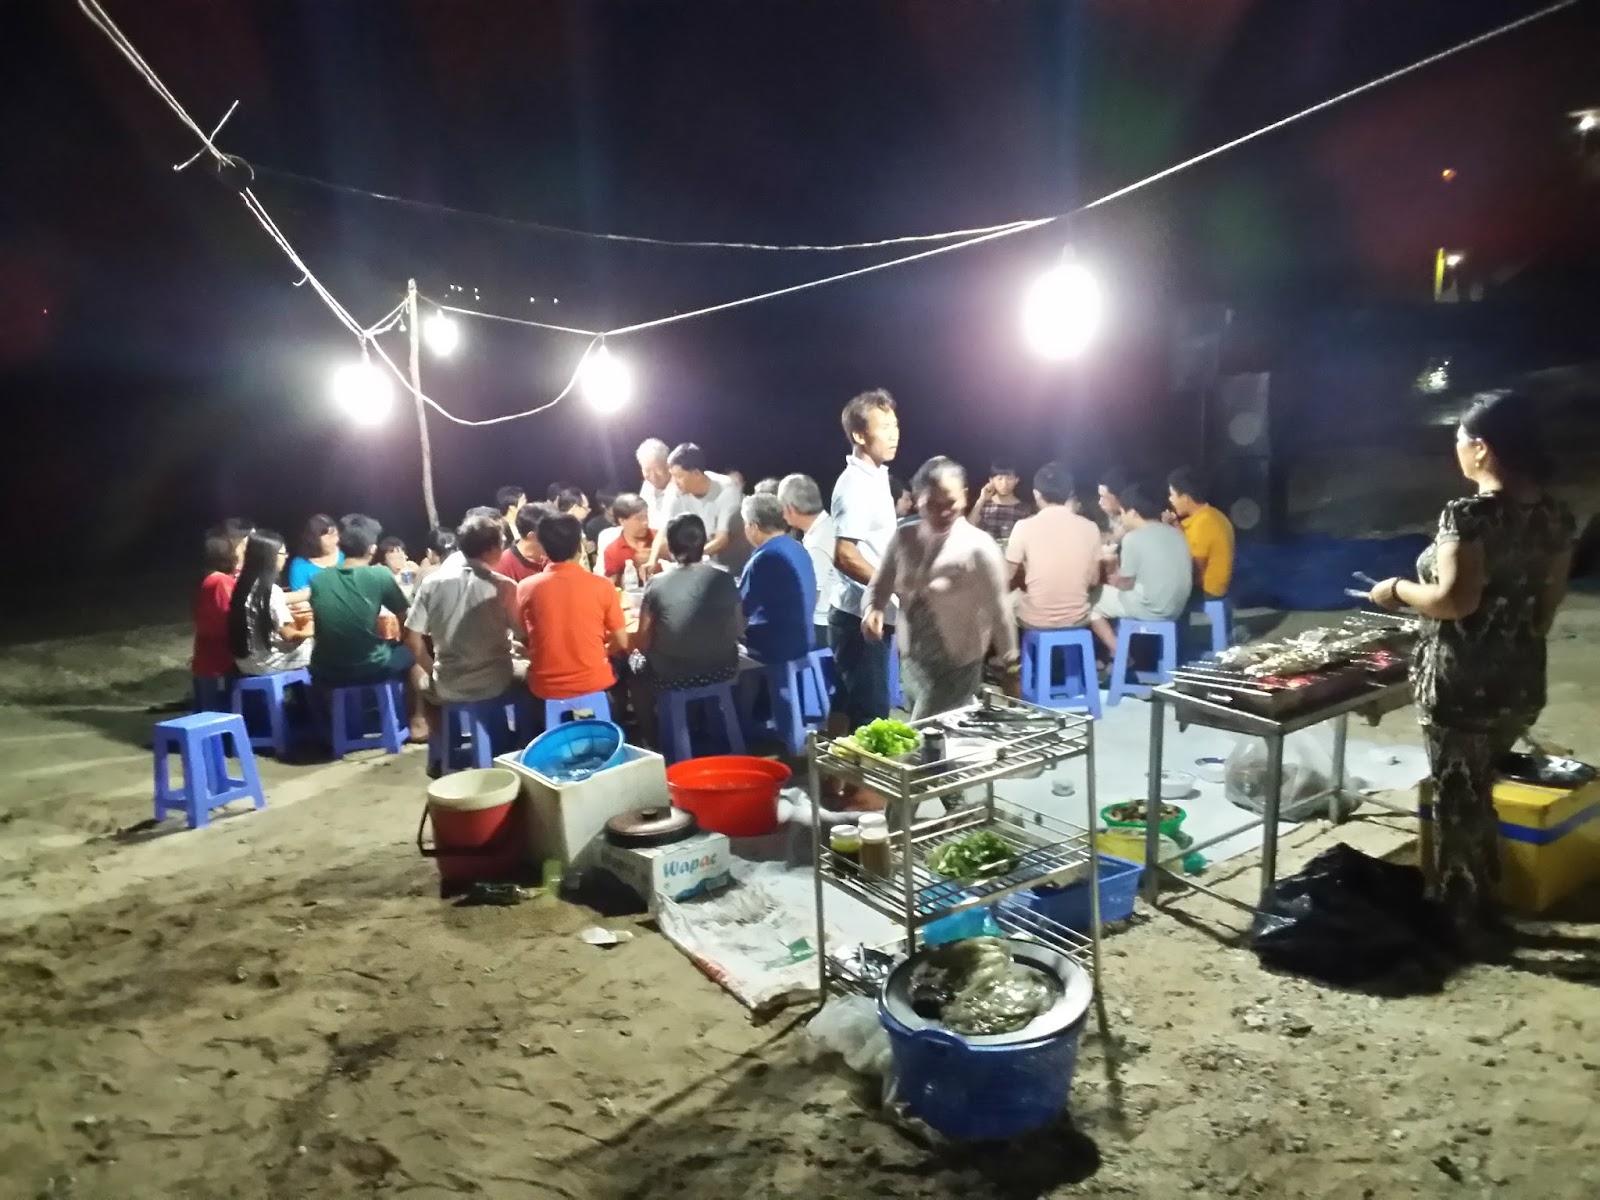 Hãy cùng chúng tôi đem lại những chuyến du lịch đảo khó quên cho gia đình, bạn bè, nhân viên tại hòn đảo thiên đường này